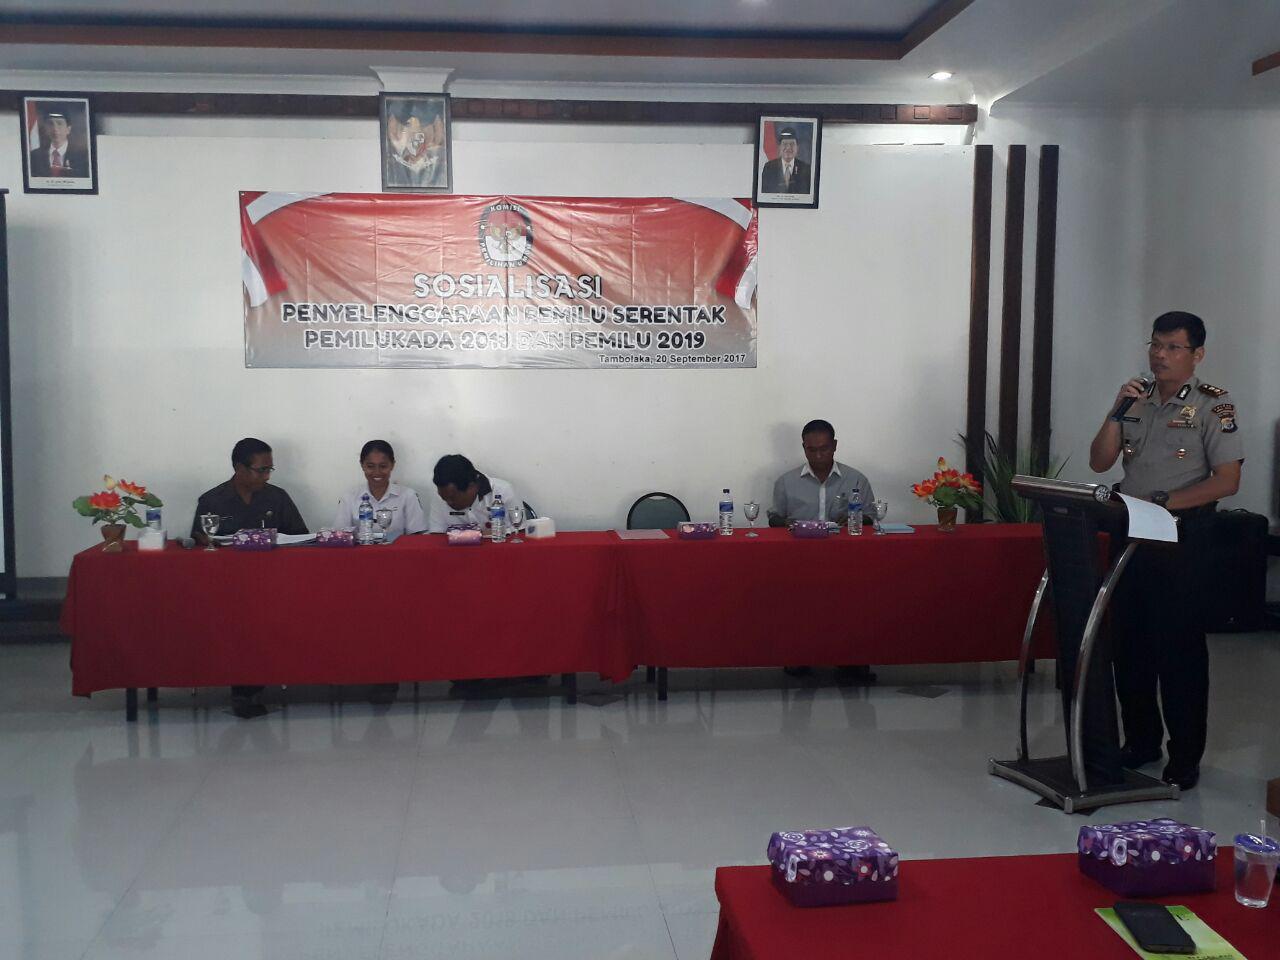 AKBP Muhamad Erwin | Narasumber Sosialisasi Penyelenggaraan Pemilukada 2018 dan Pemilu 2019